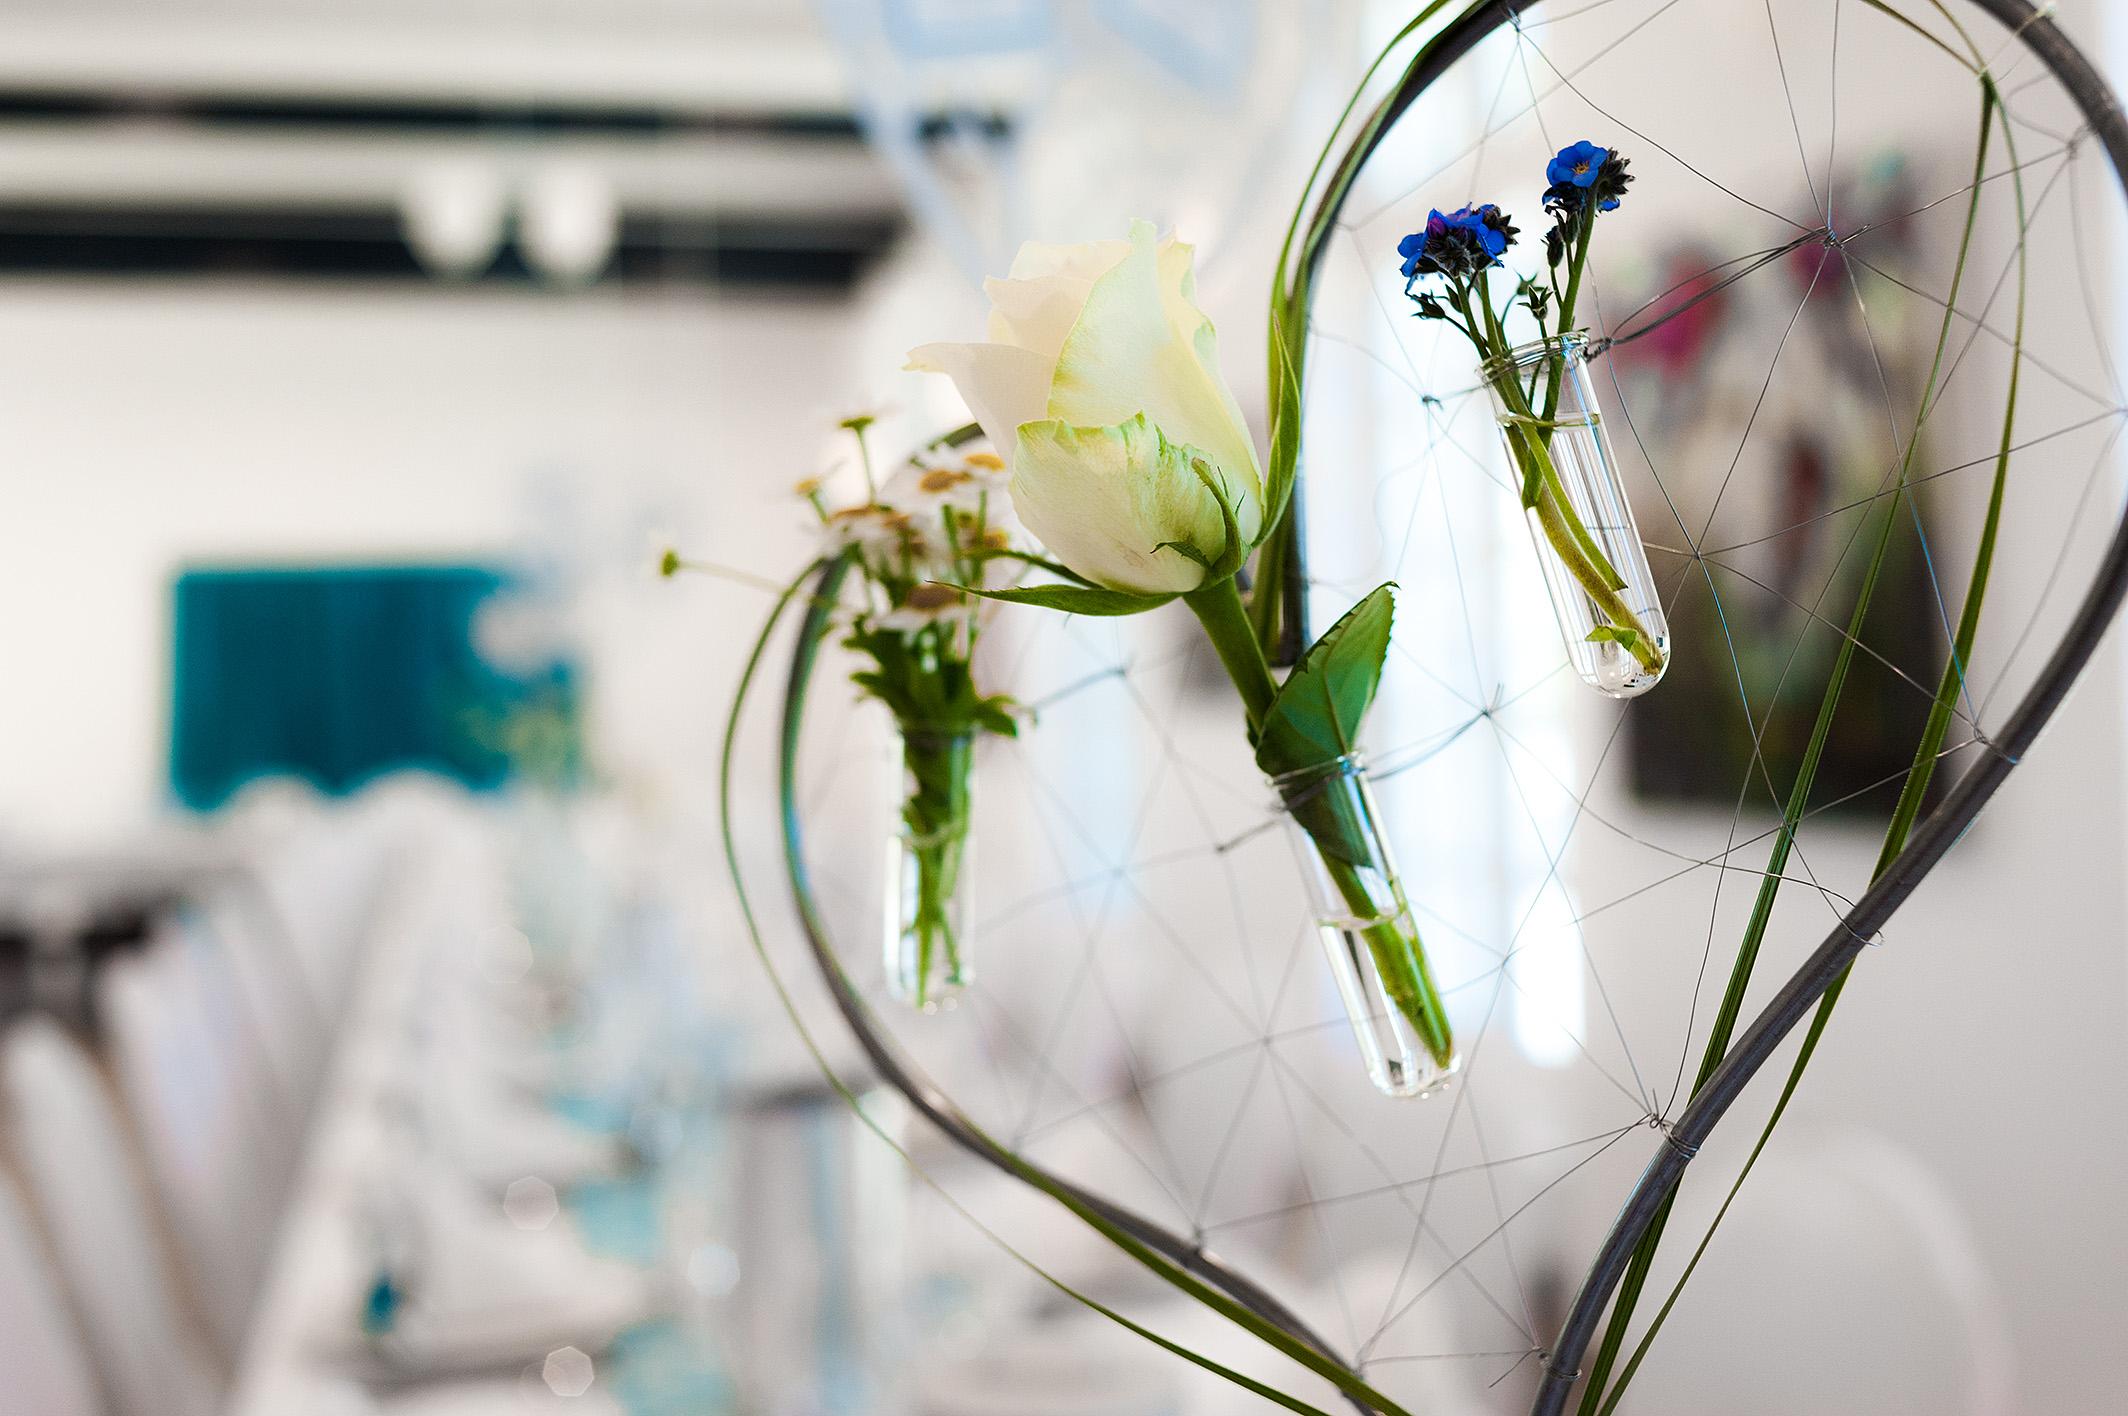 Hochzeitsfeier Dekoration Blumen